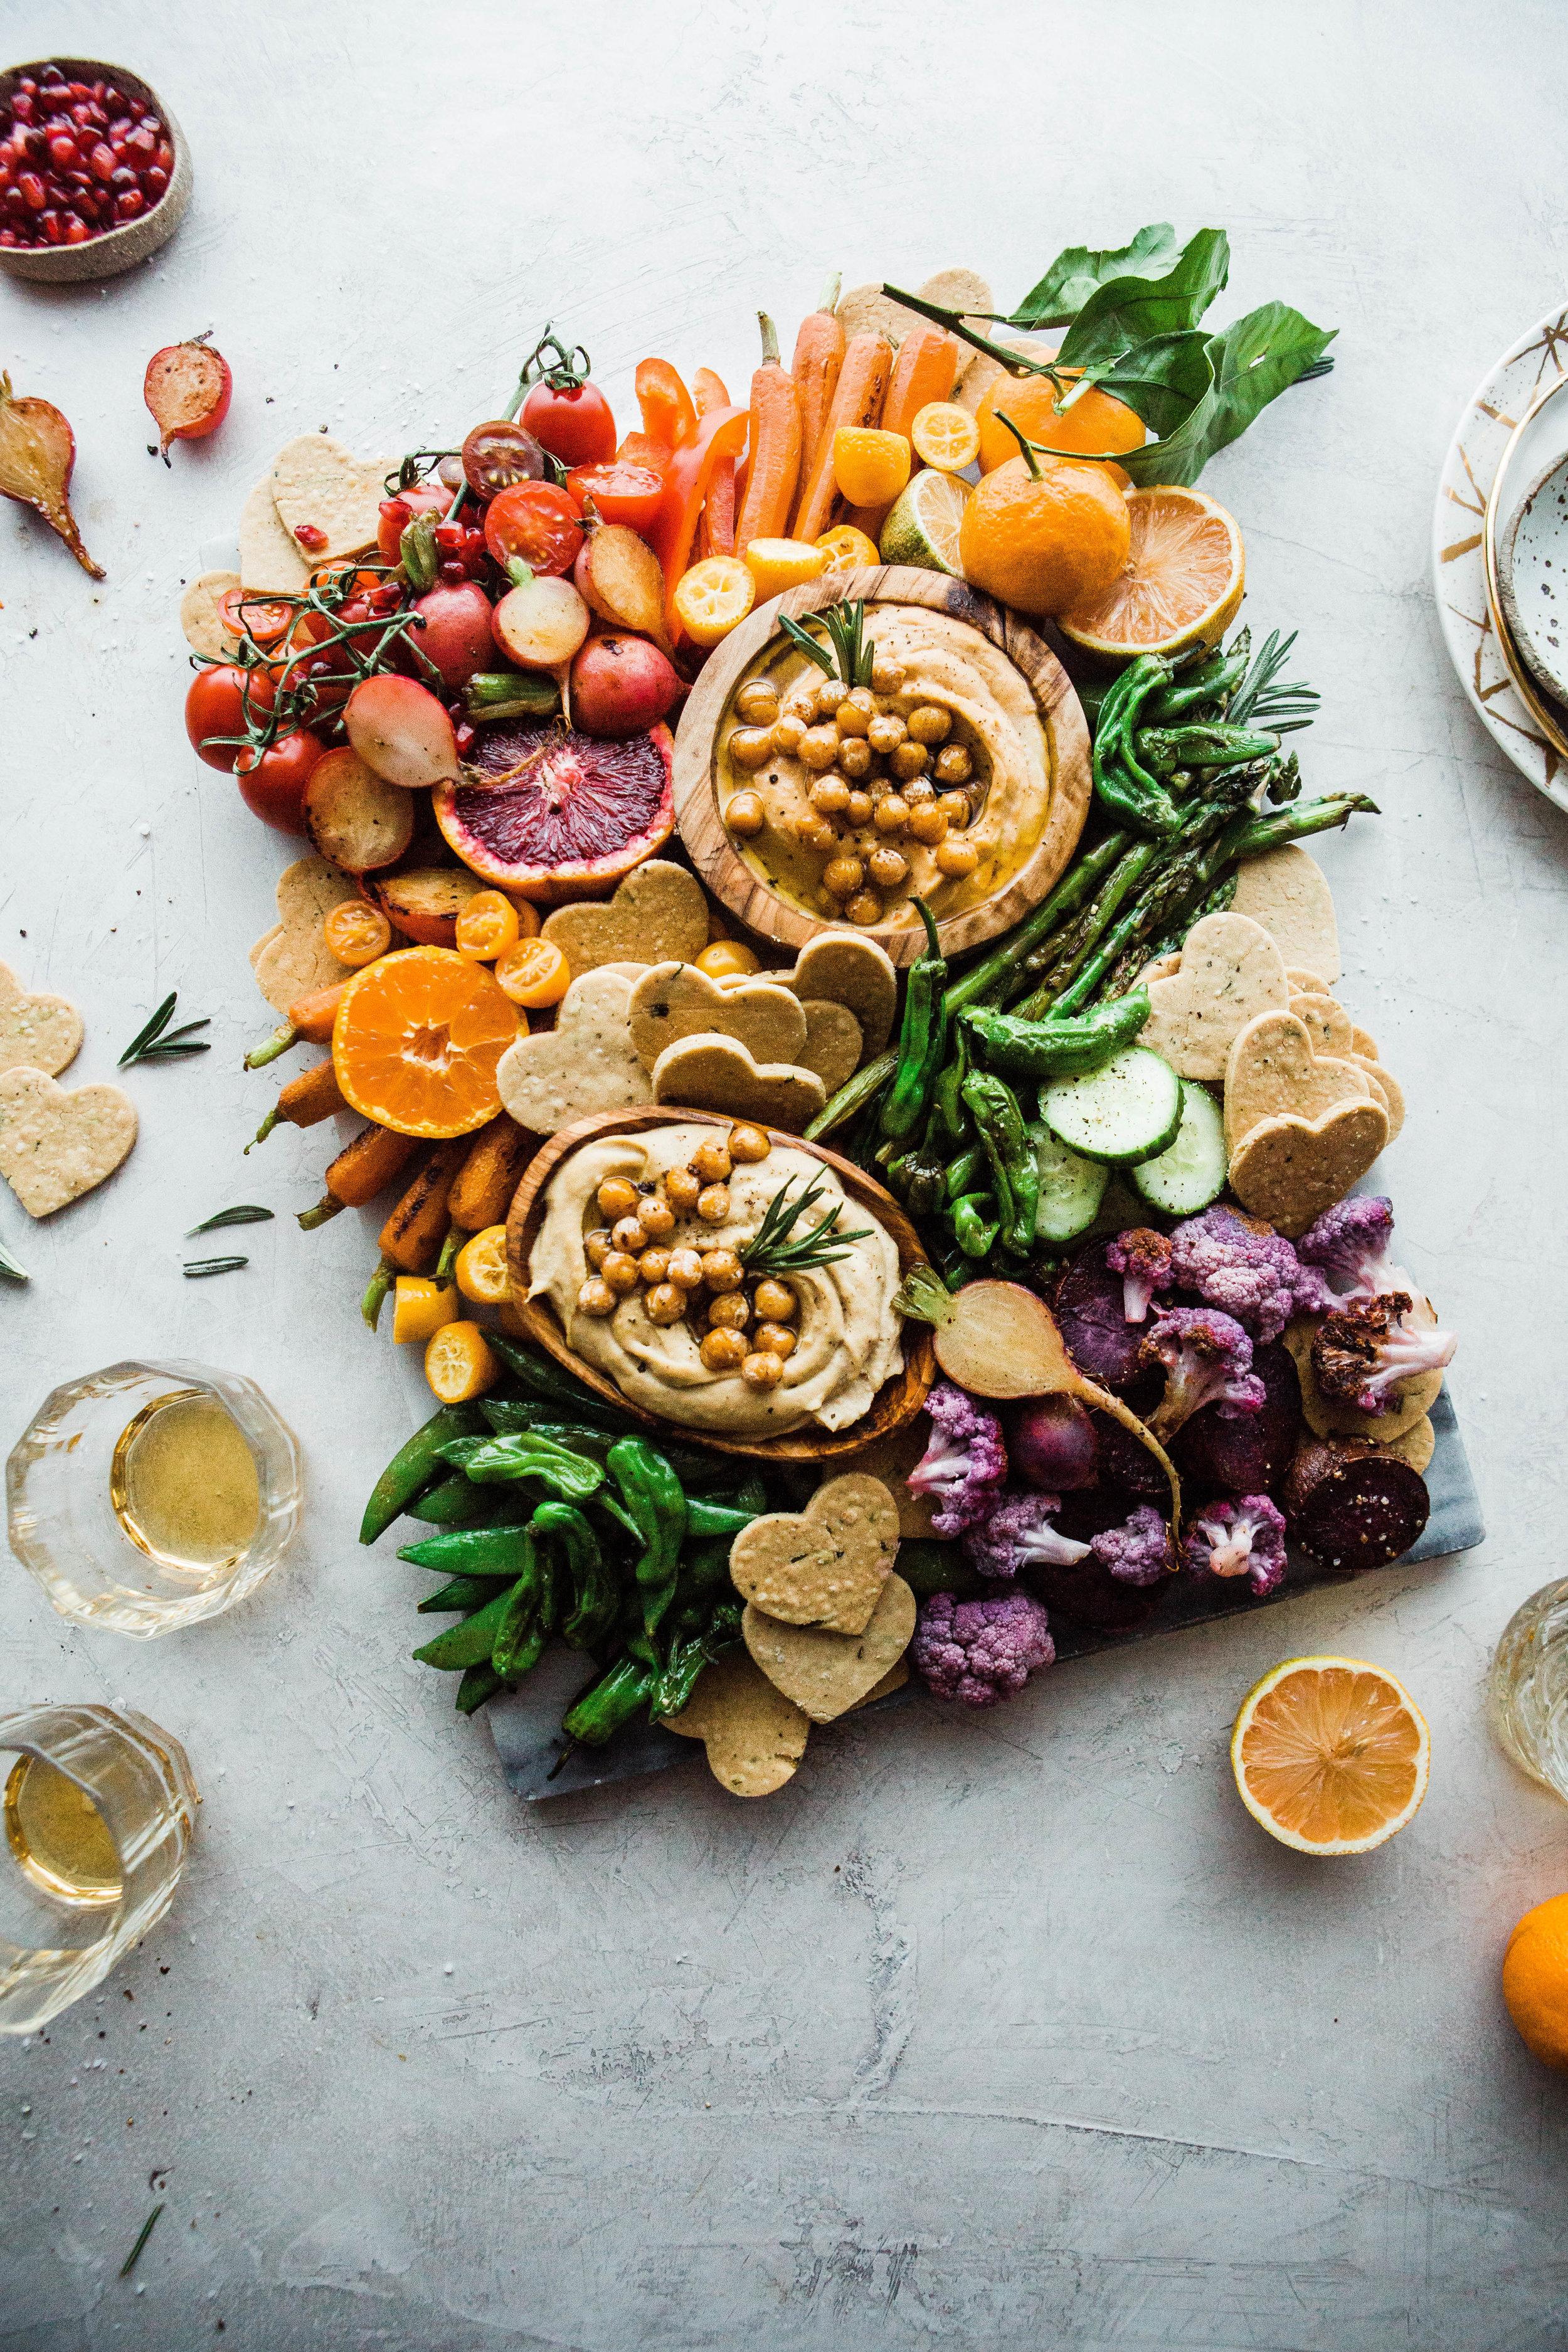 2019-01 BRM Homemade Paleo Rosemary Crackers with Cassava and Rainbow Veggie Platter 2 7F.jpg